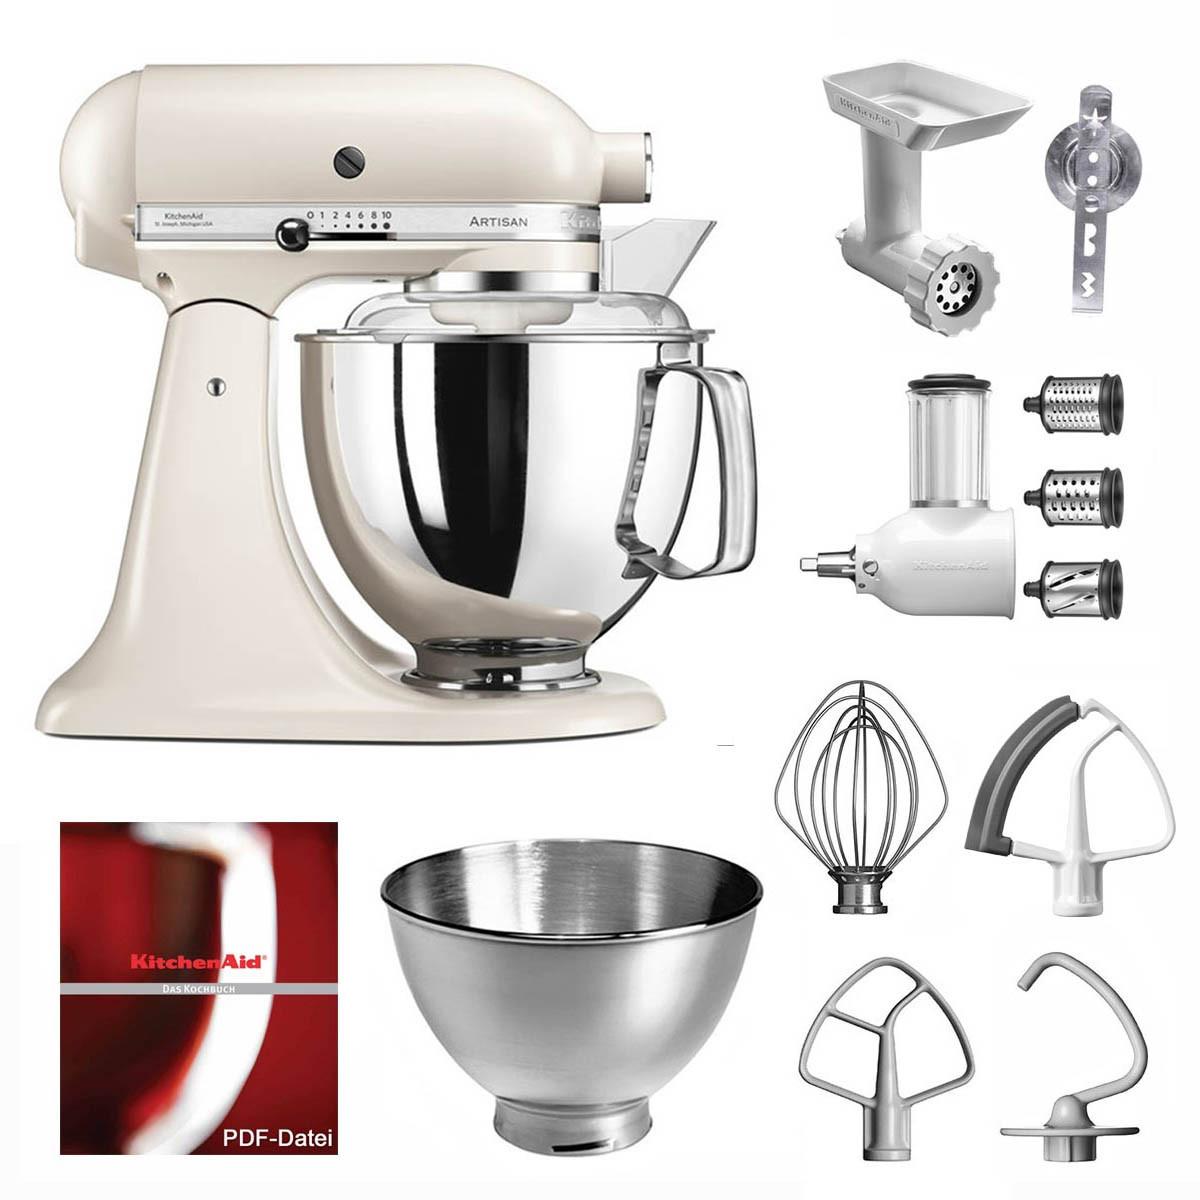 Fantastisch Kitchenaid Artisan Küchen Prozessor Bester Preis Ideen ...